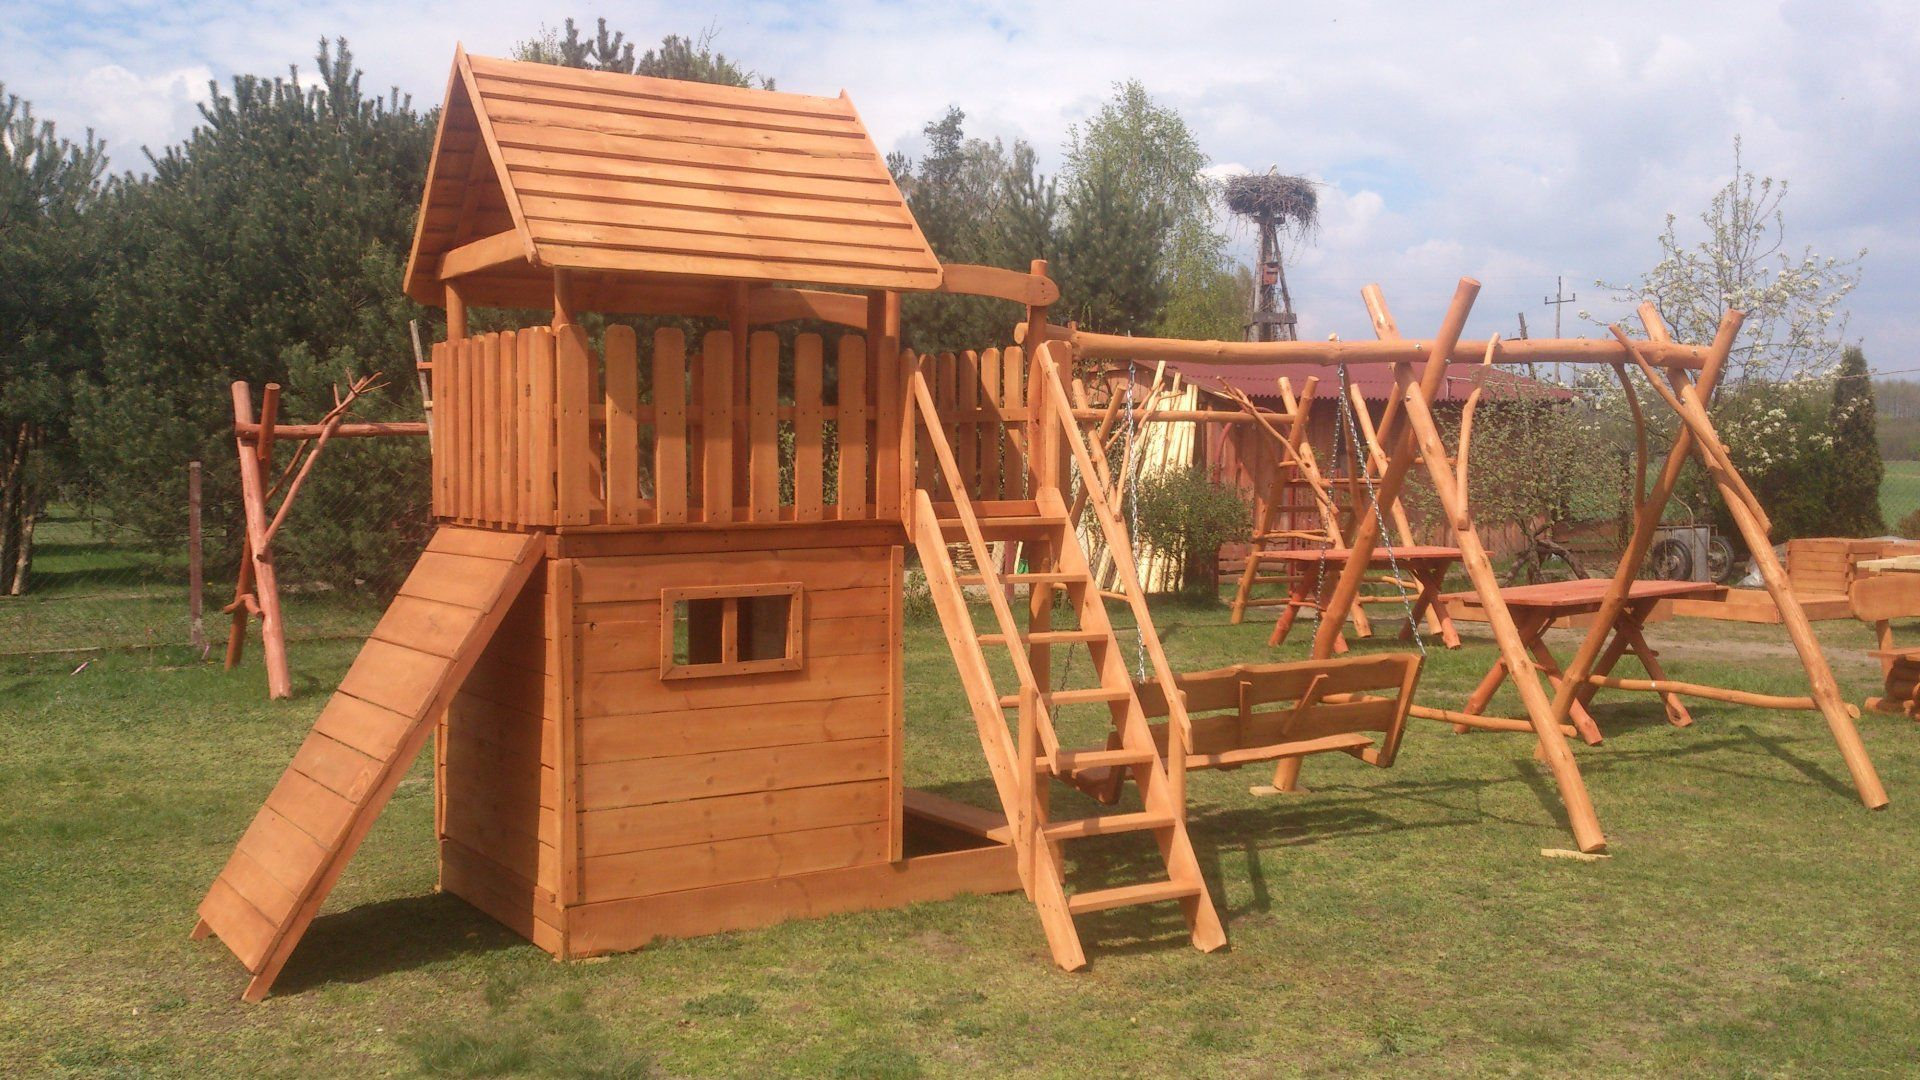 Hustawki Ogrodowe Dla Dzieci Krakow : Domki Ogrodowe Dla Dzieci Altany Hustawki Place Zabaw Pictures to pin